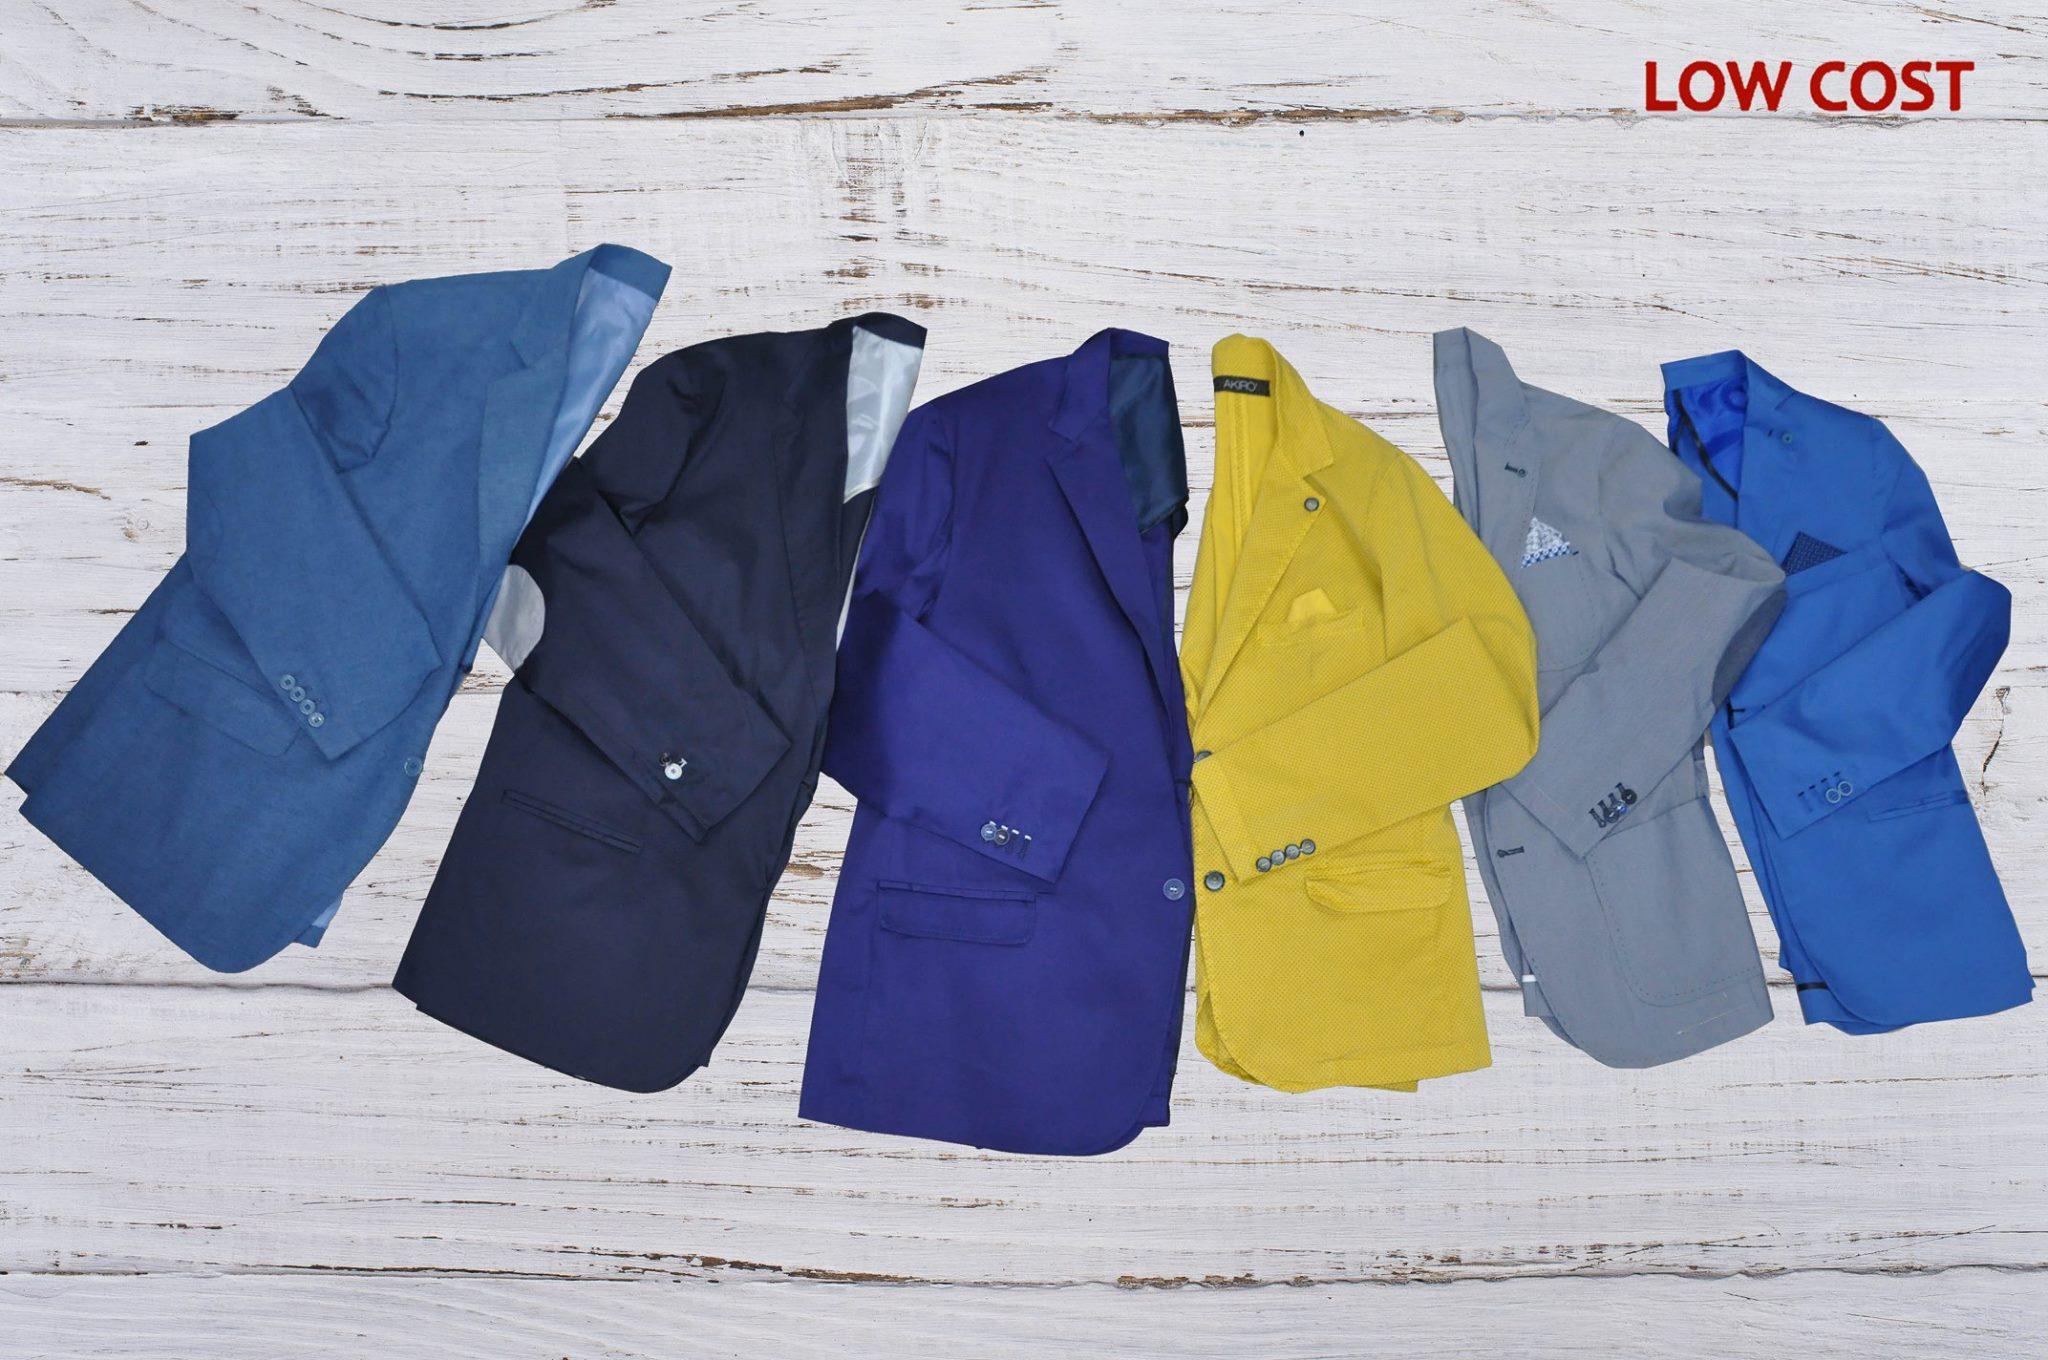 giacche low cost abbigliamento sassari